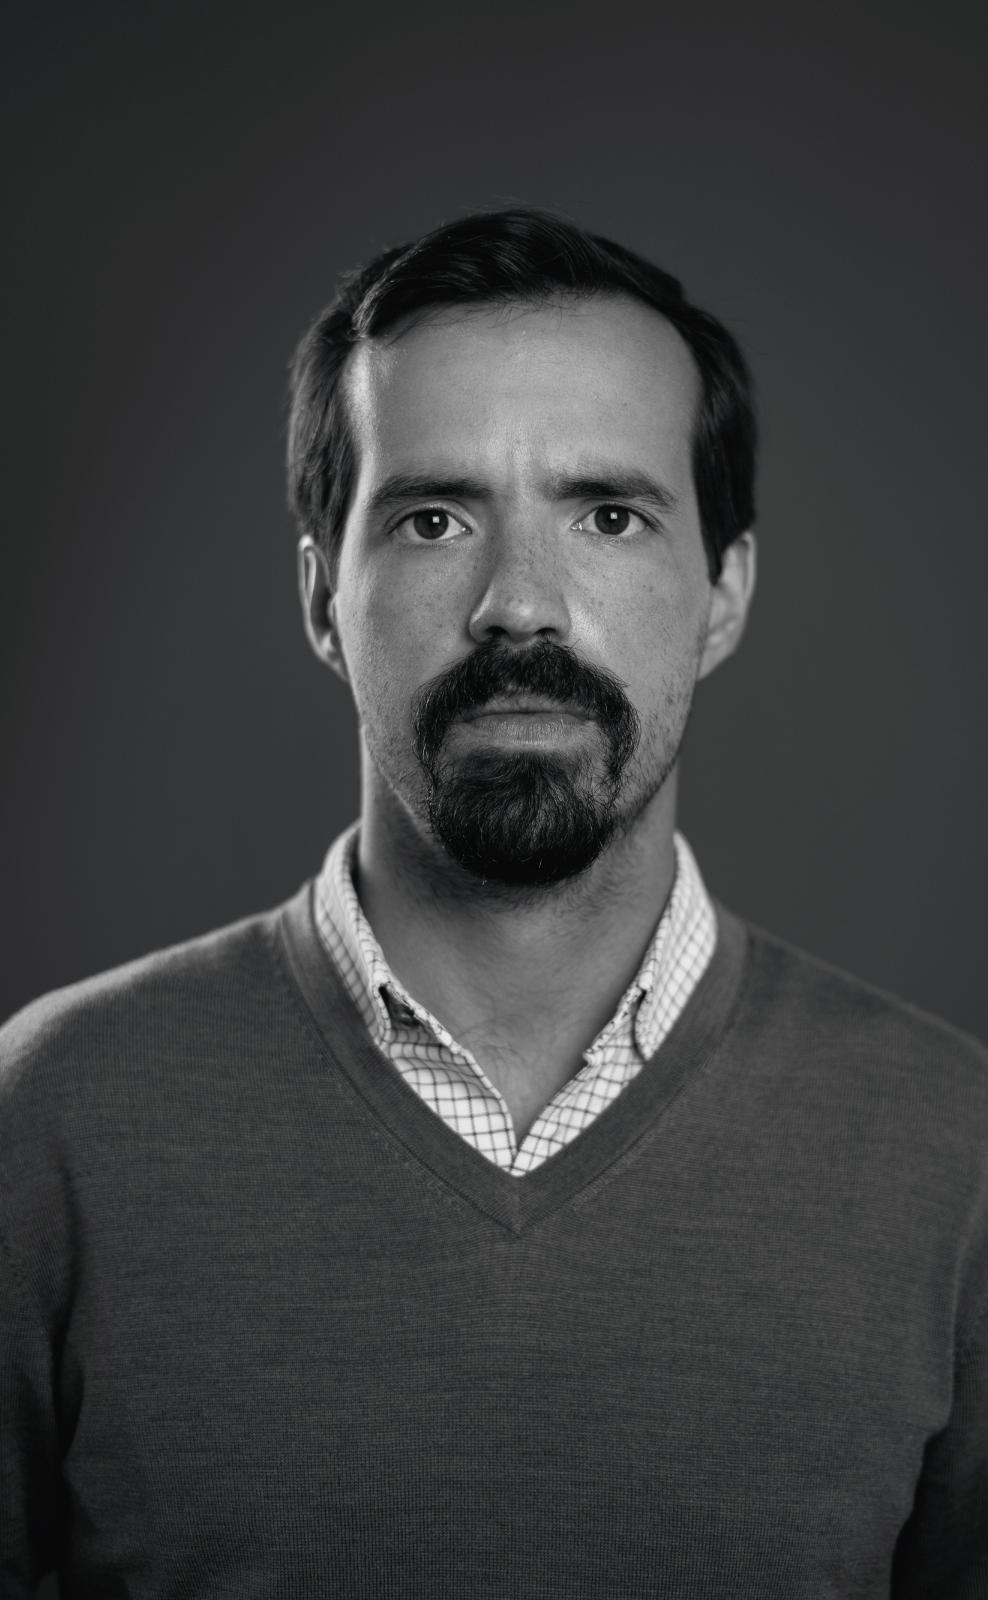 Bernardo Mascarenhas